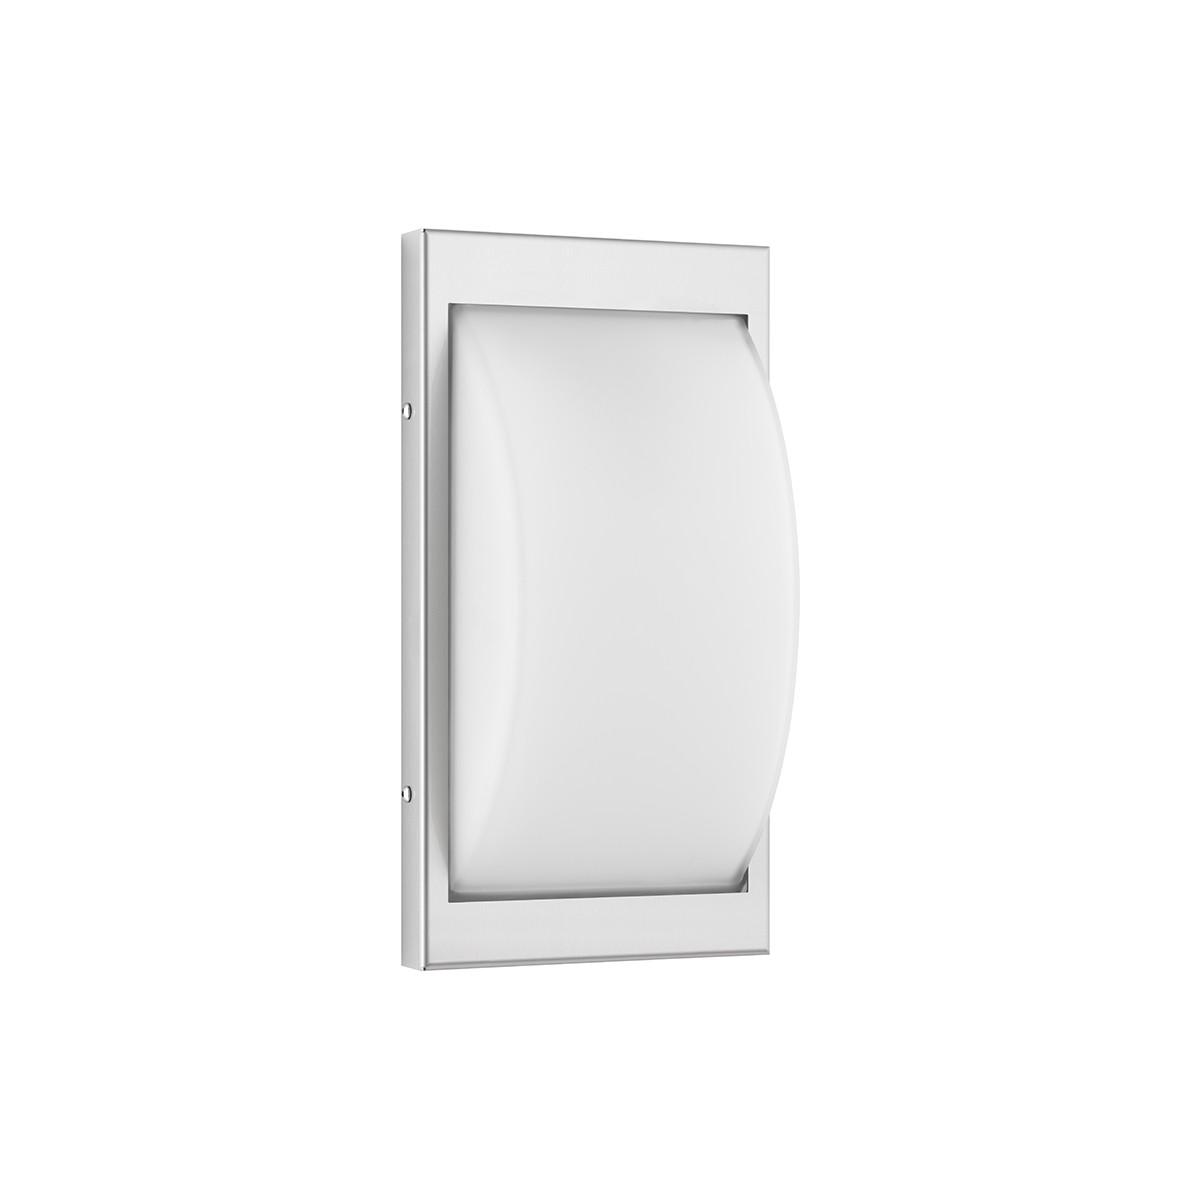 LCD Außenleuchten 068 Wandleuchte LED, Edelstahl, ohne Bewegungsmelder